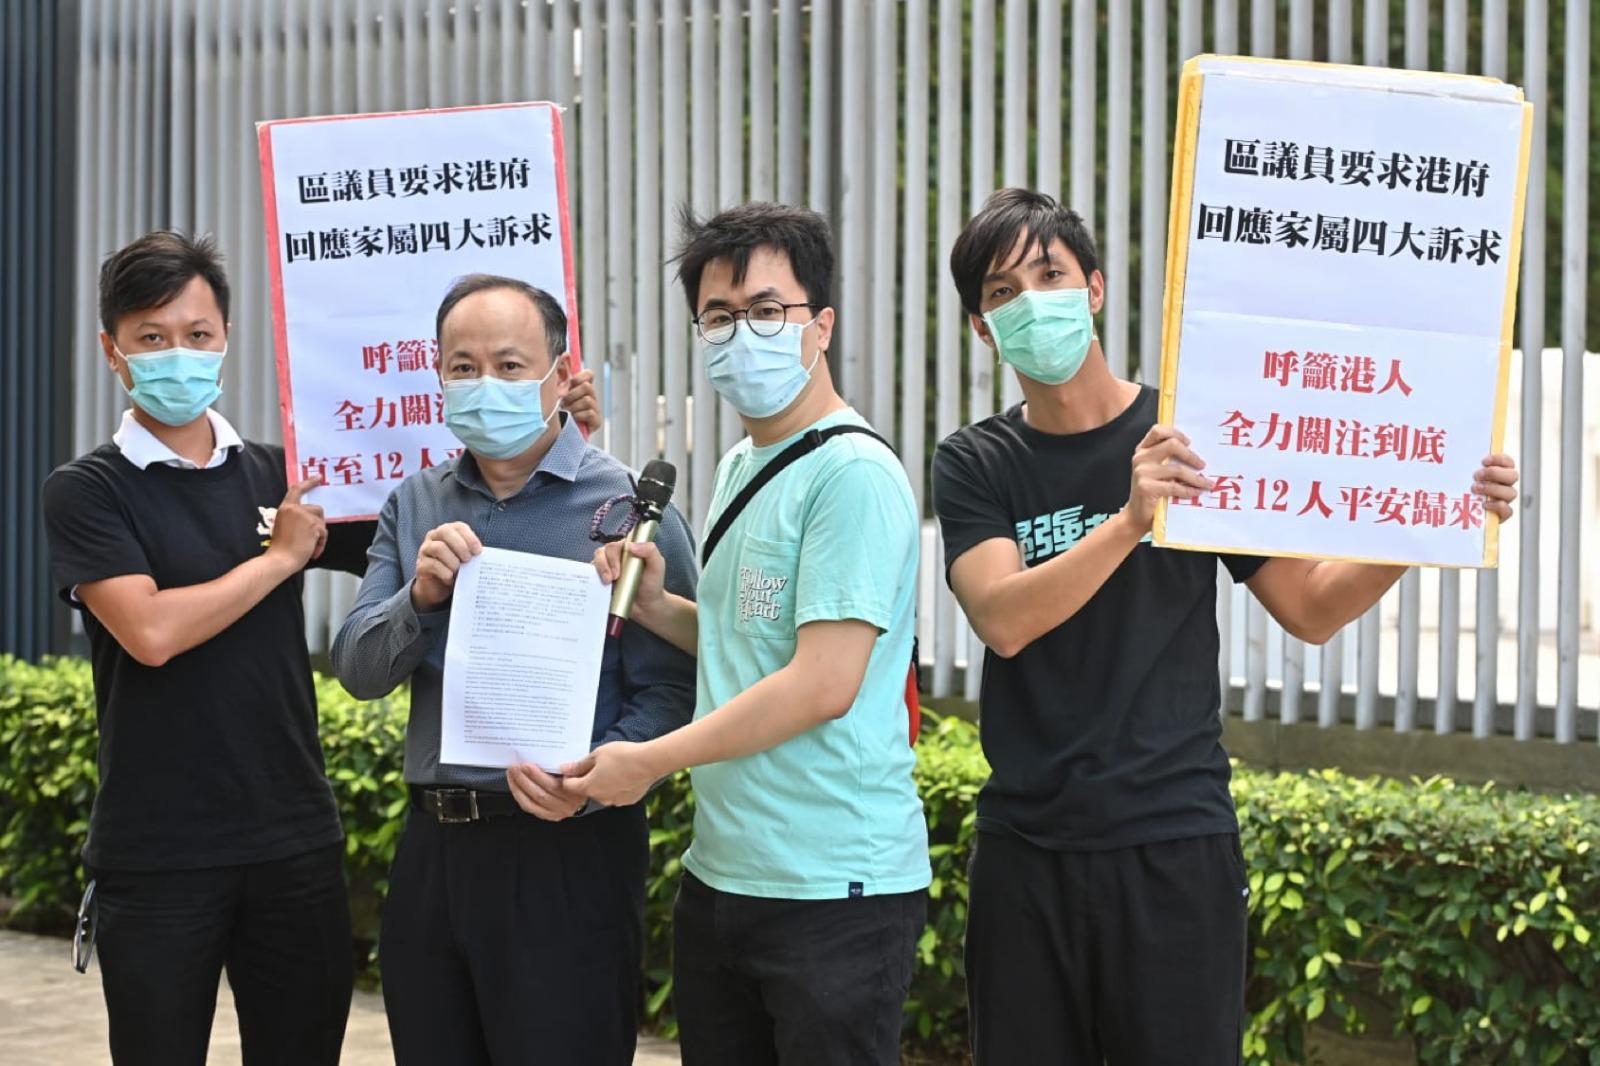 9月22日香港多名民主派區議員前往特首辦請願,要求港府回應家屬四大訴求。(宋碧龍/大紀元)